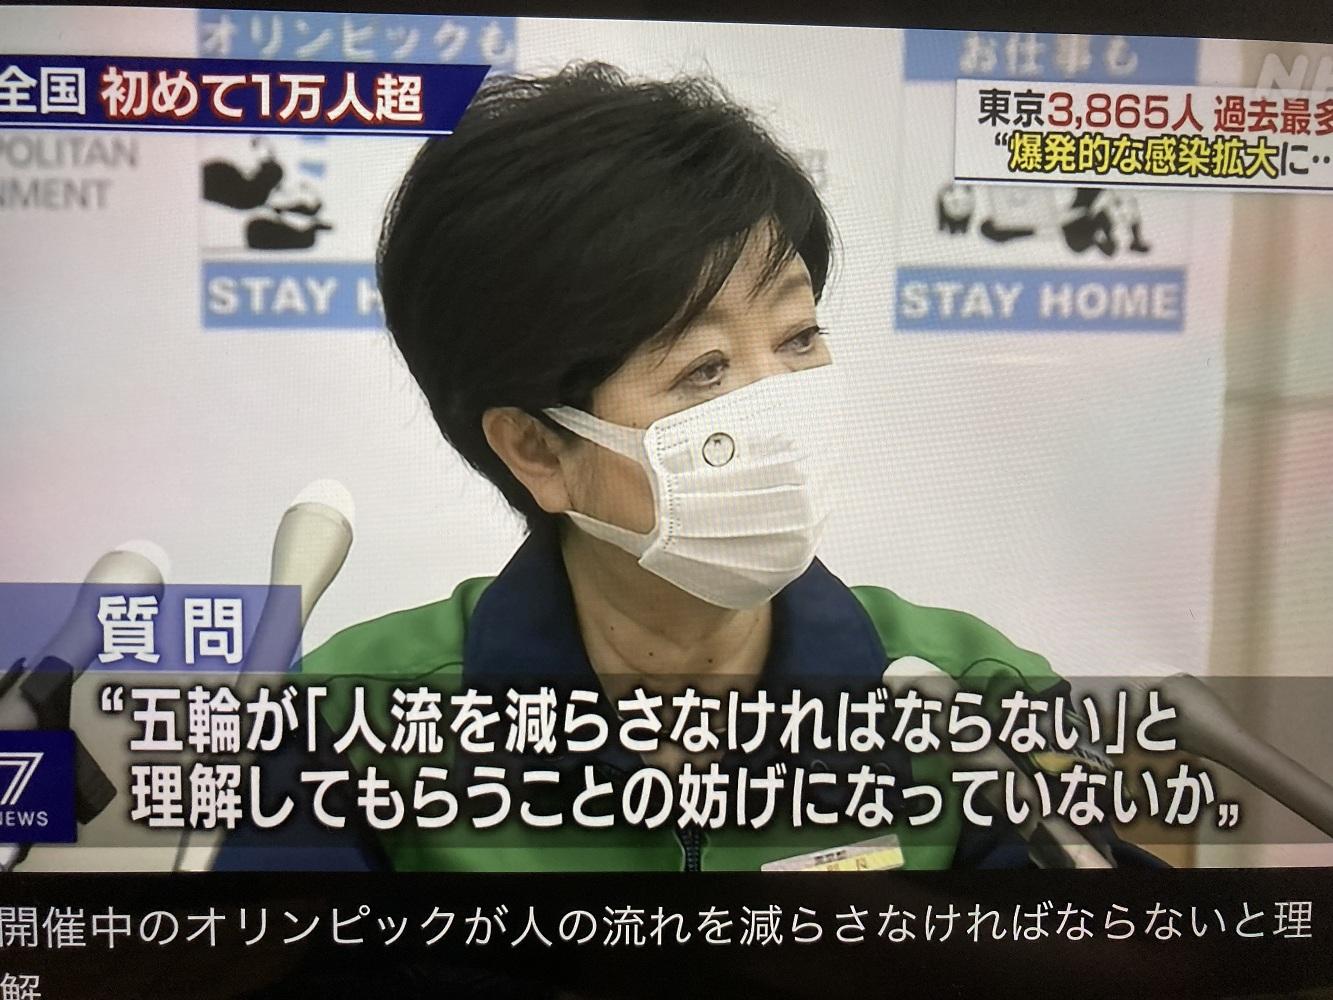 被問到「東奧妨礙人流減少」,小池居然說東奧增加居家比例,也與事實相反,東京夜間人流尤其大增(攝自NHK)